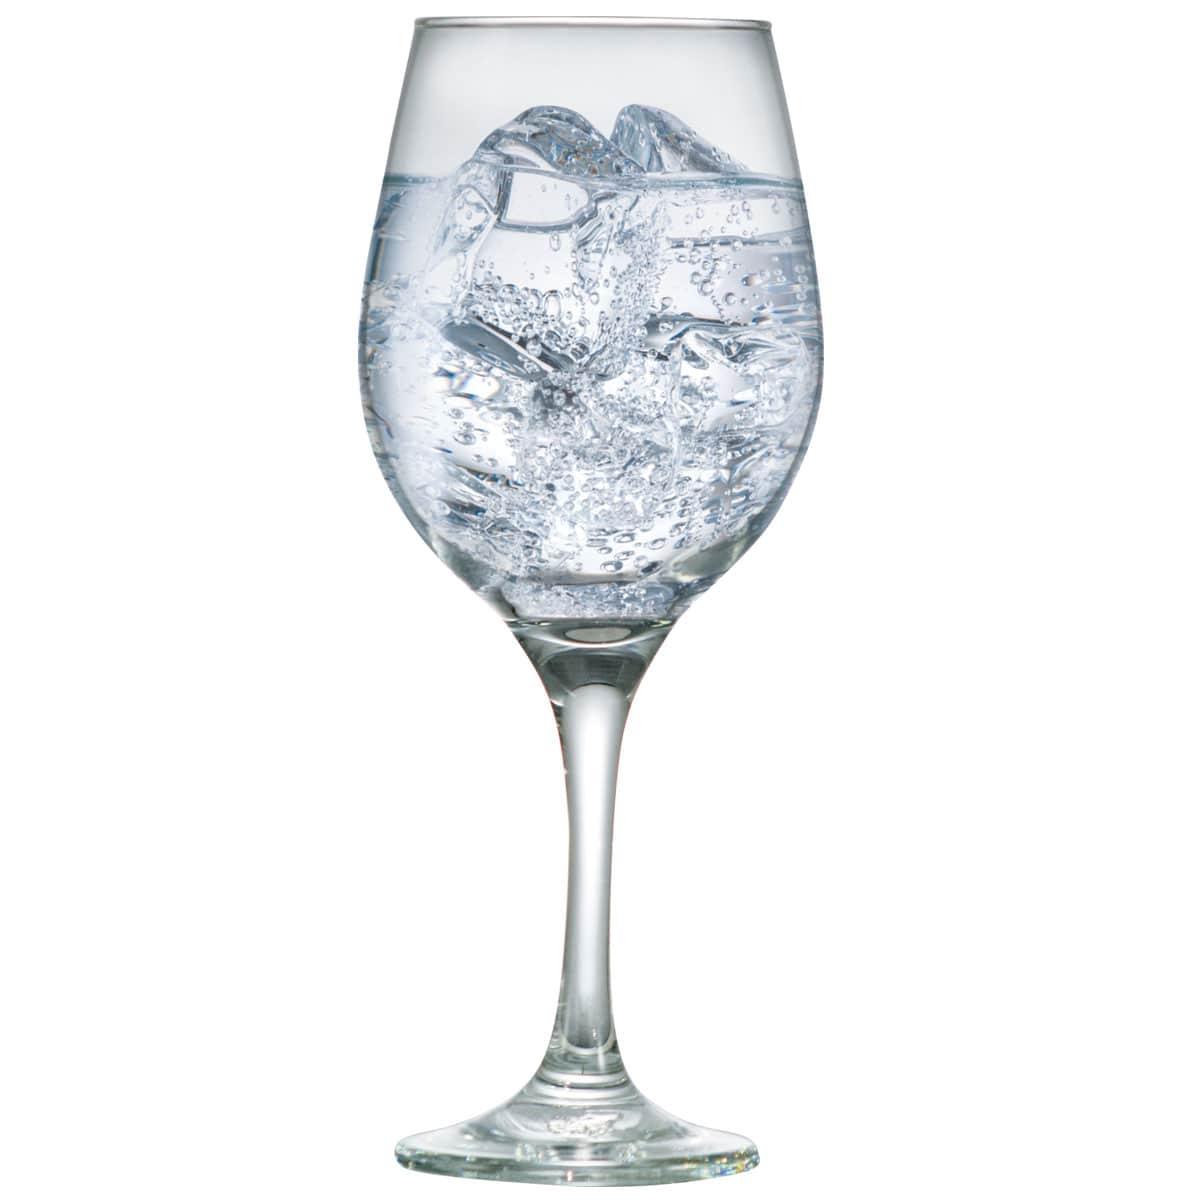 Taça de Vidro One Agua 490ml (Caixa com 24 unidades)